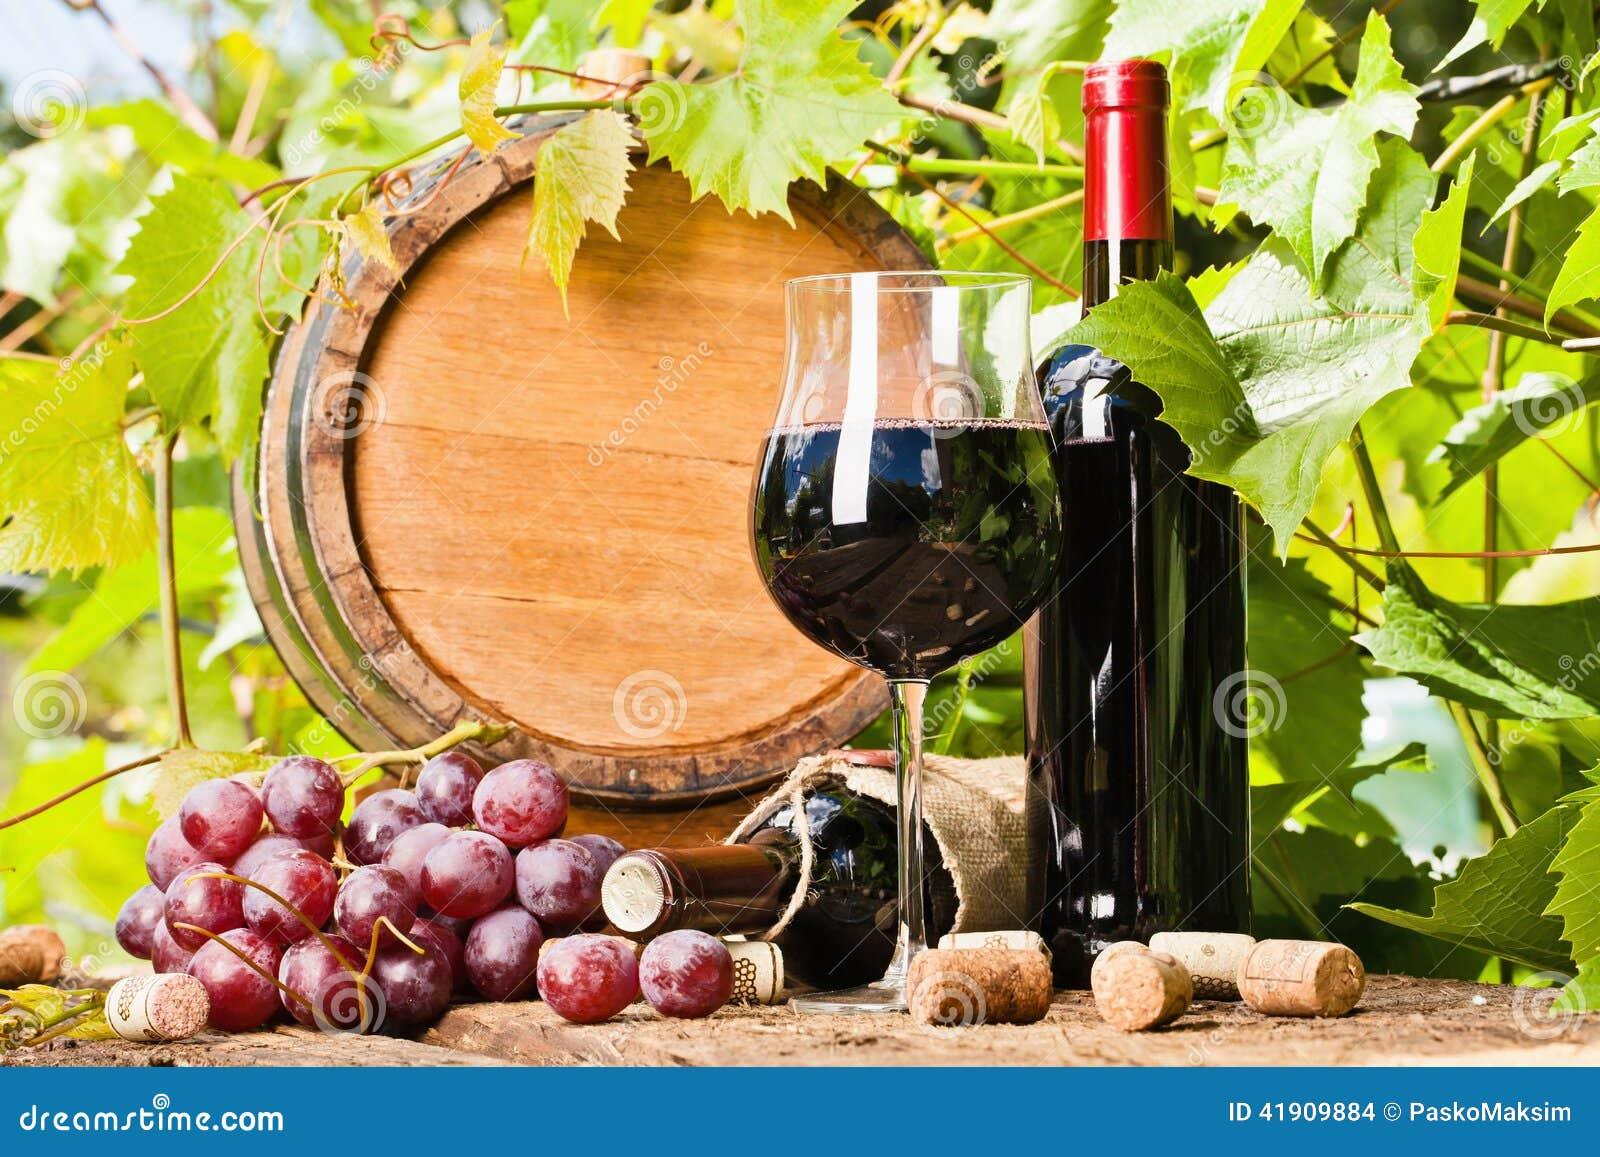 Wein, Trauben und Weinstockzusammensetzung